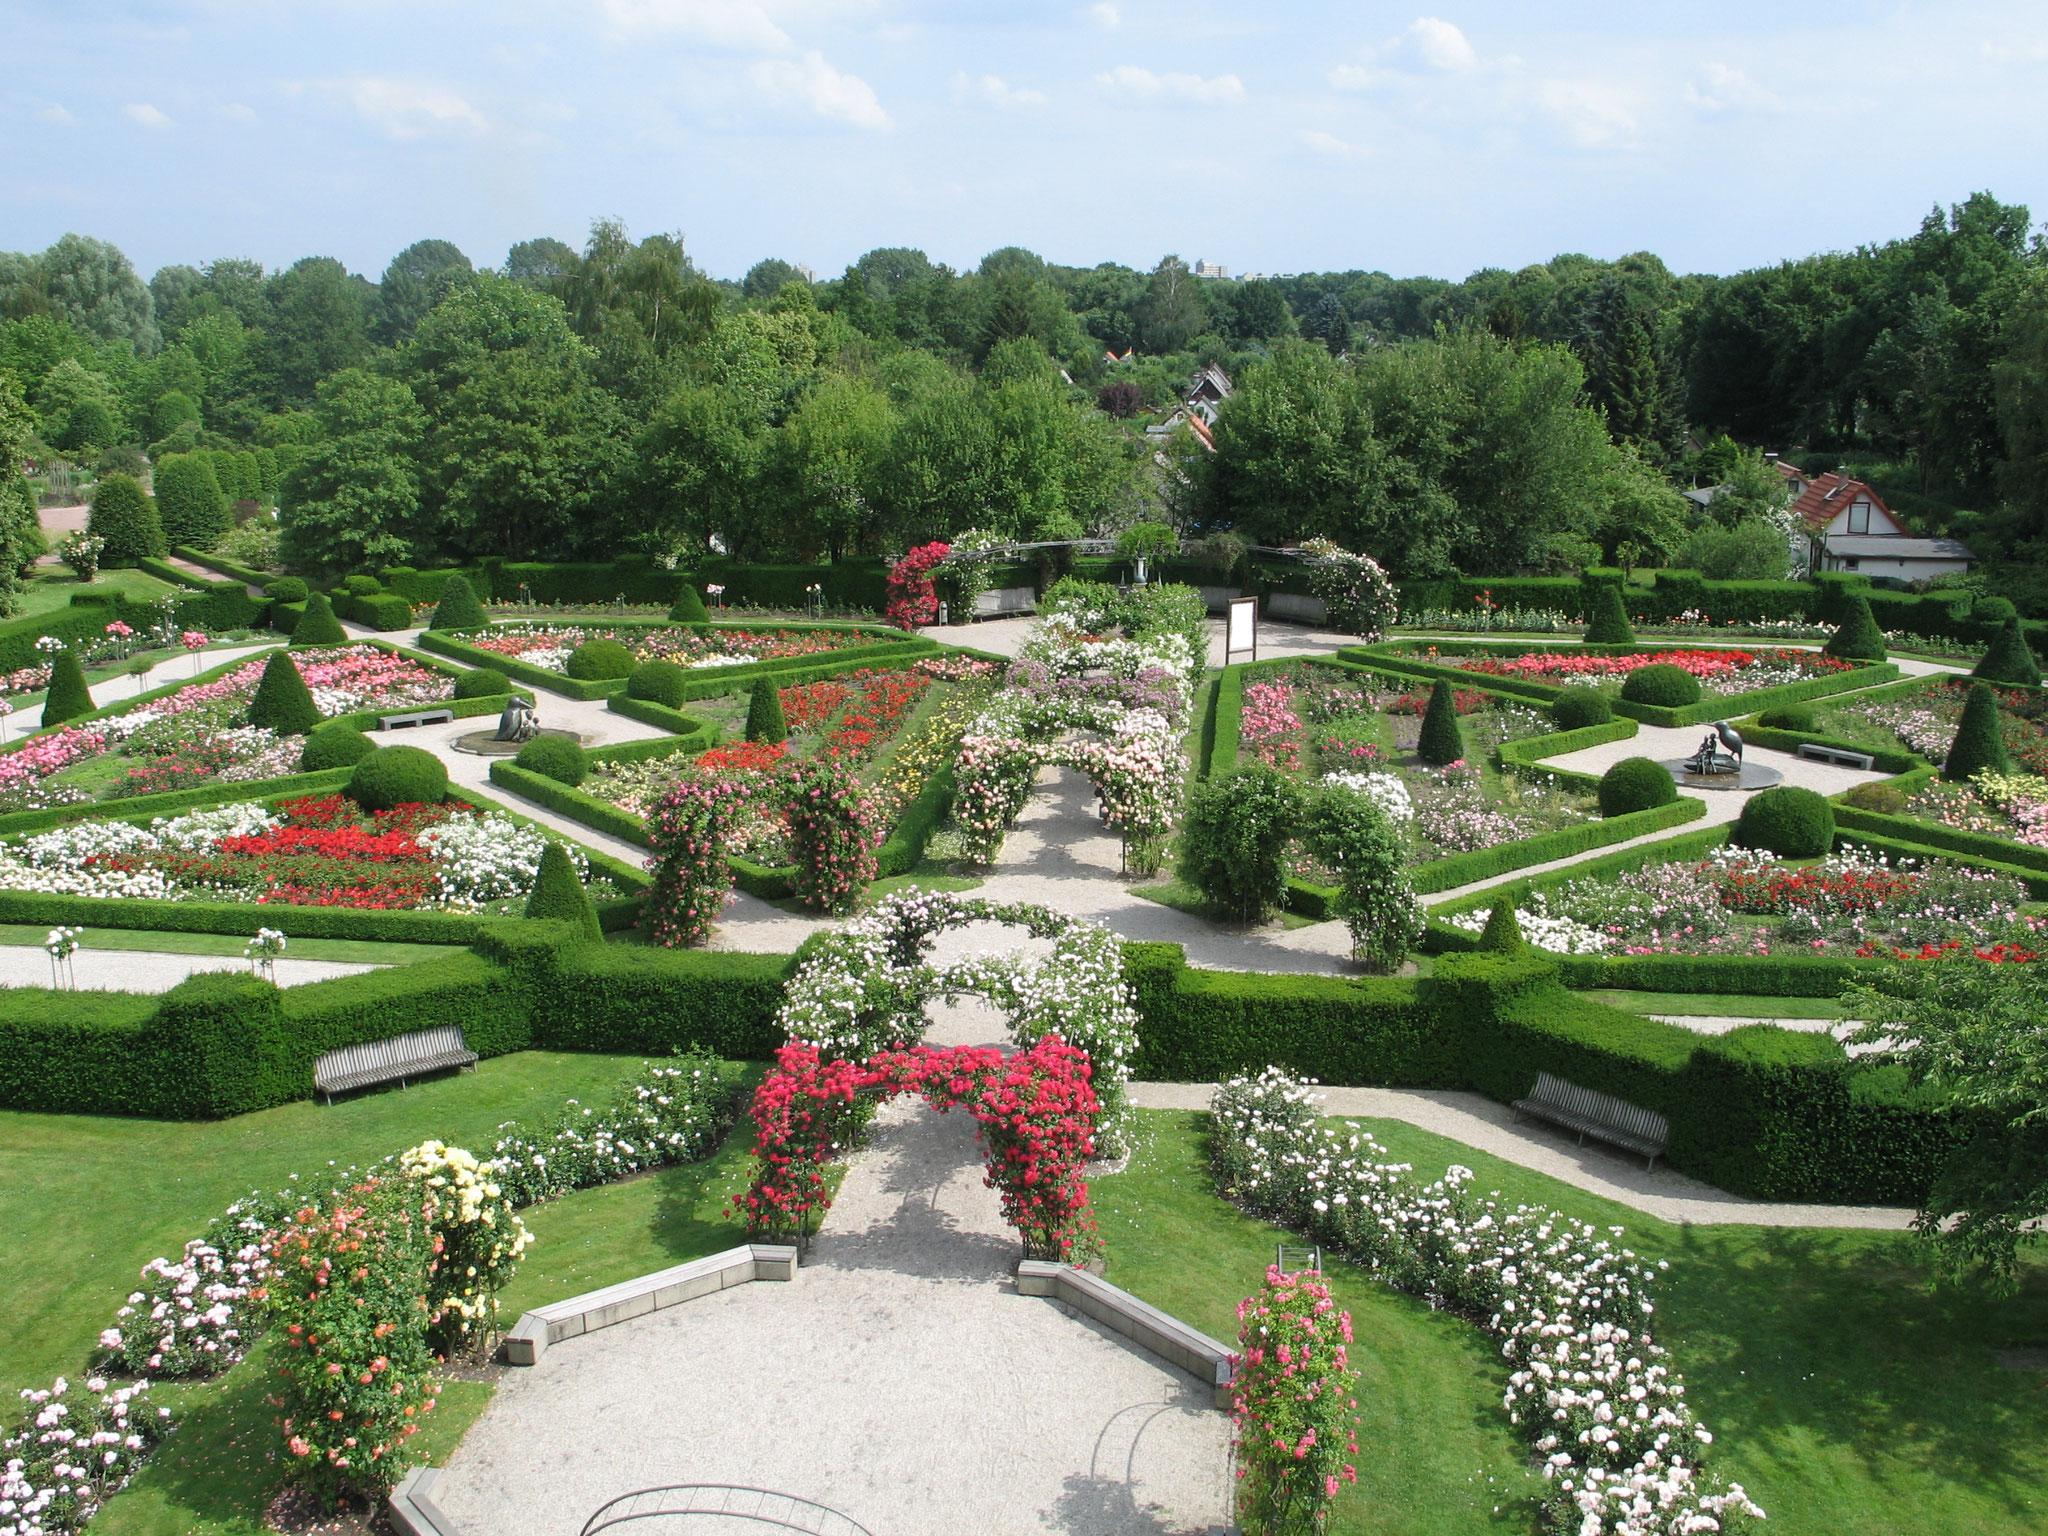 Luftbild Rosengarten (© Grün Berlin)